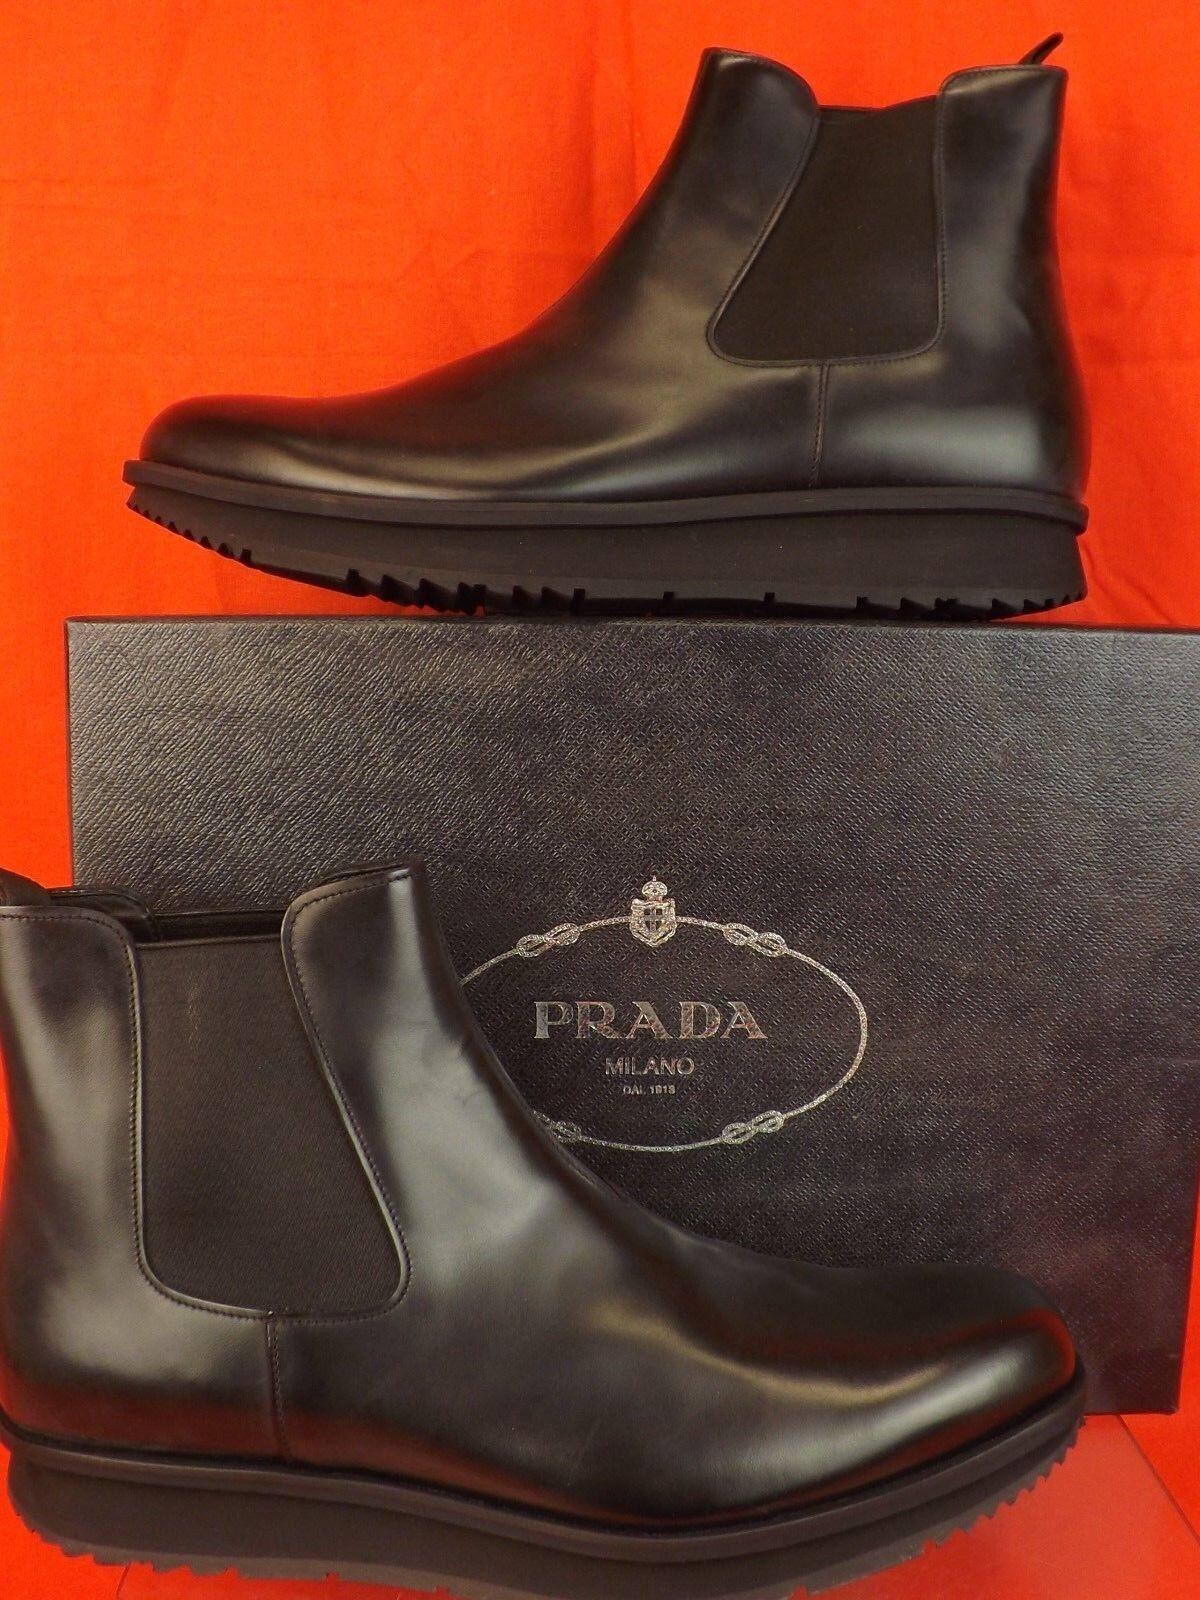 New in Box PRADA noir CHELSEA en cuir élastique Cheville Bottes 9 US 10